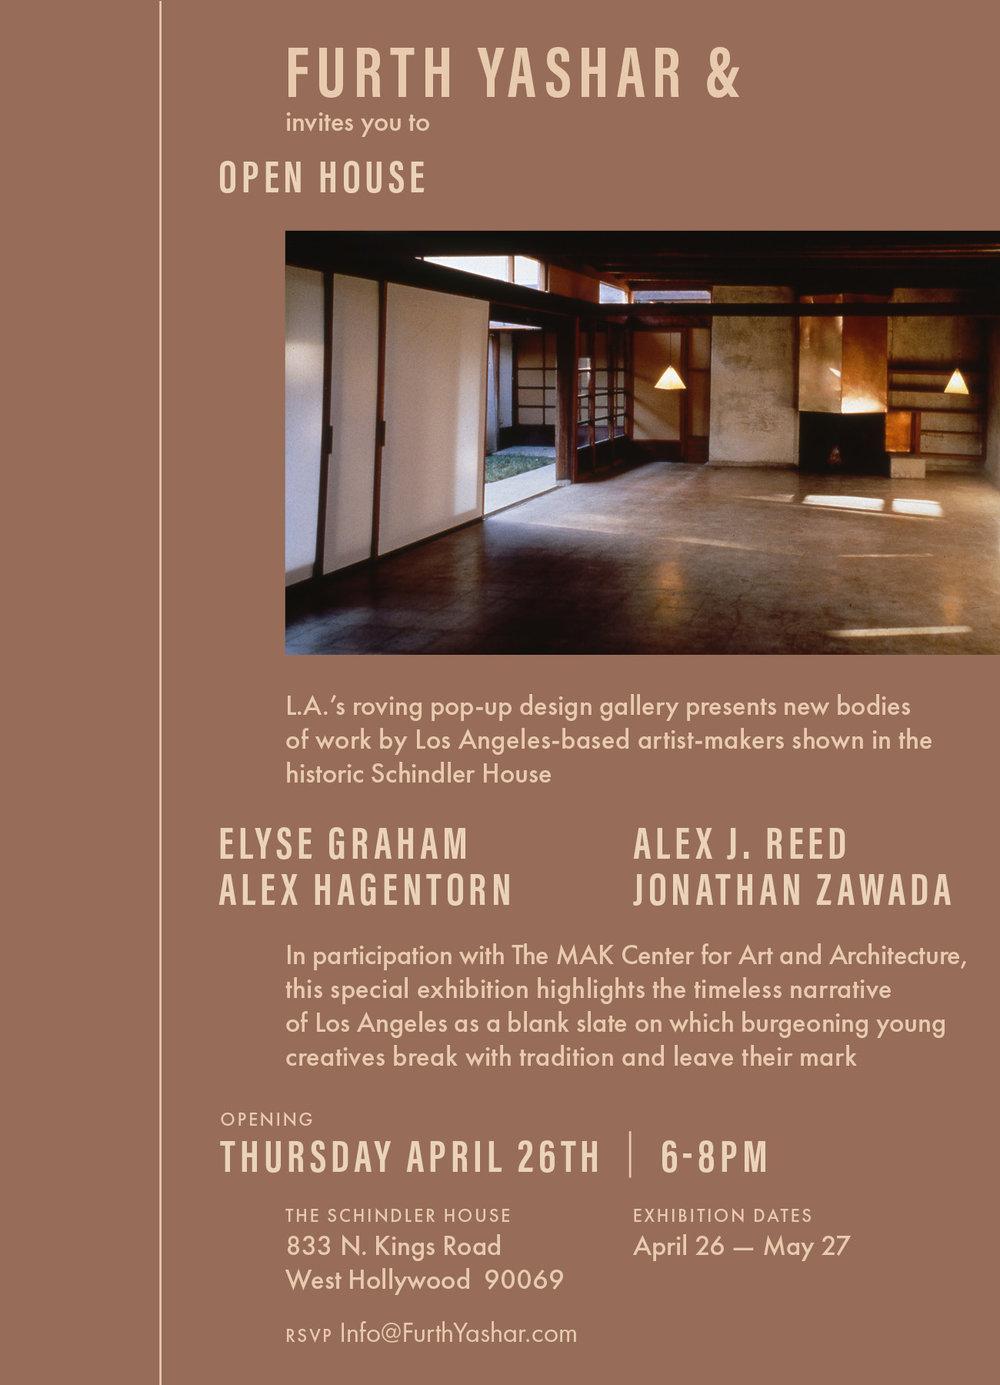 FY&-Open-House-Show-Invite.jpg